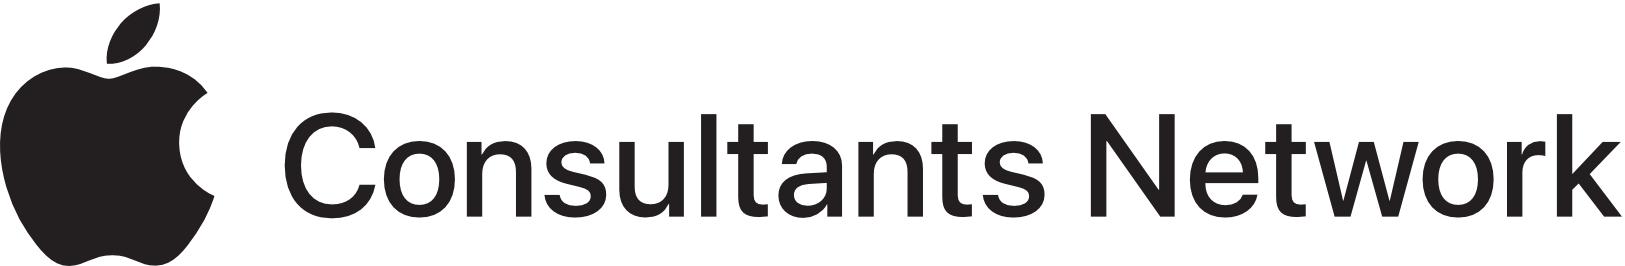 ACN-logo-2018.png